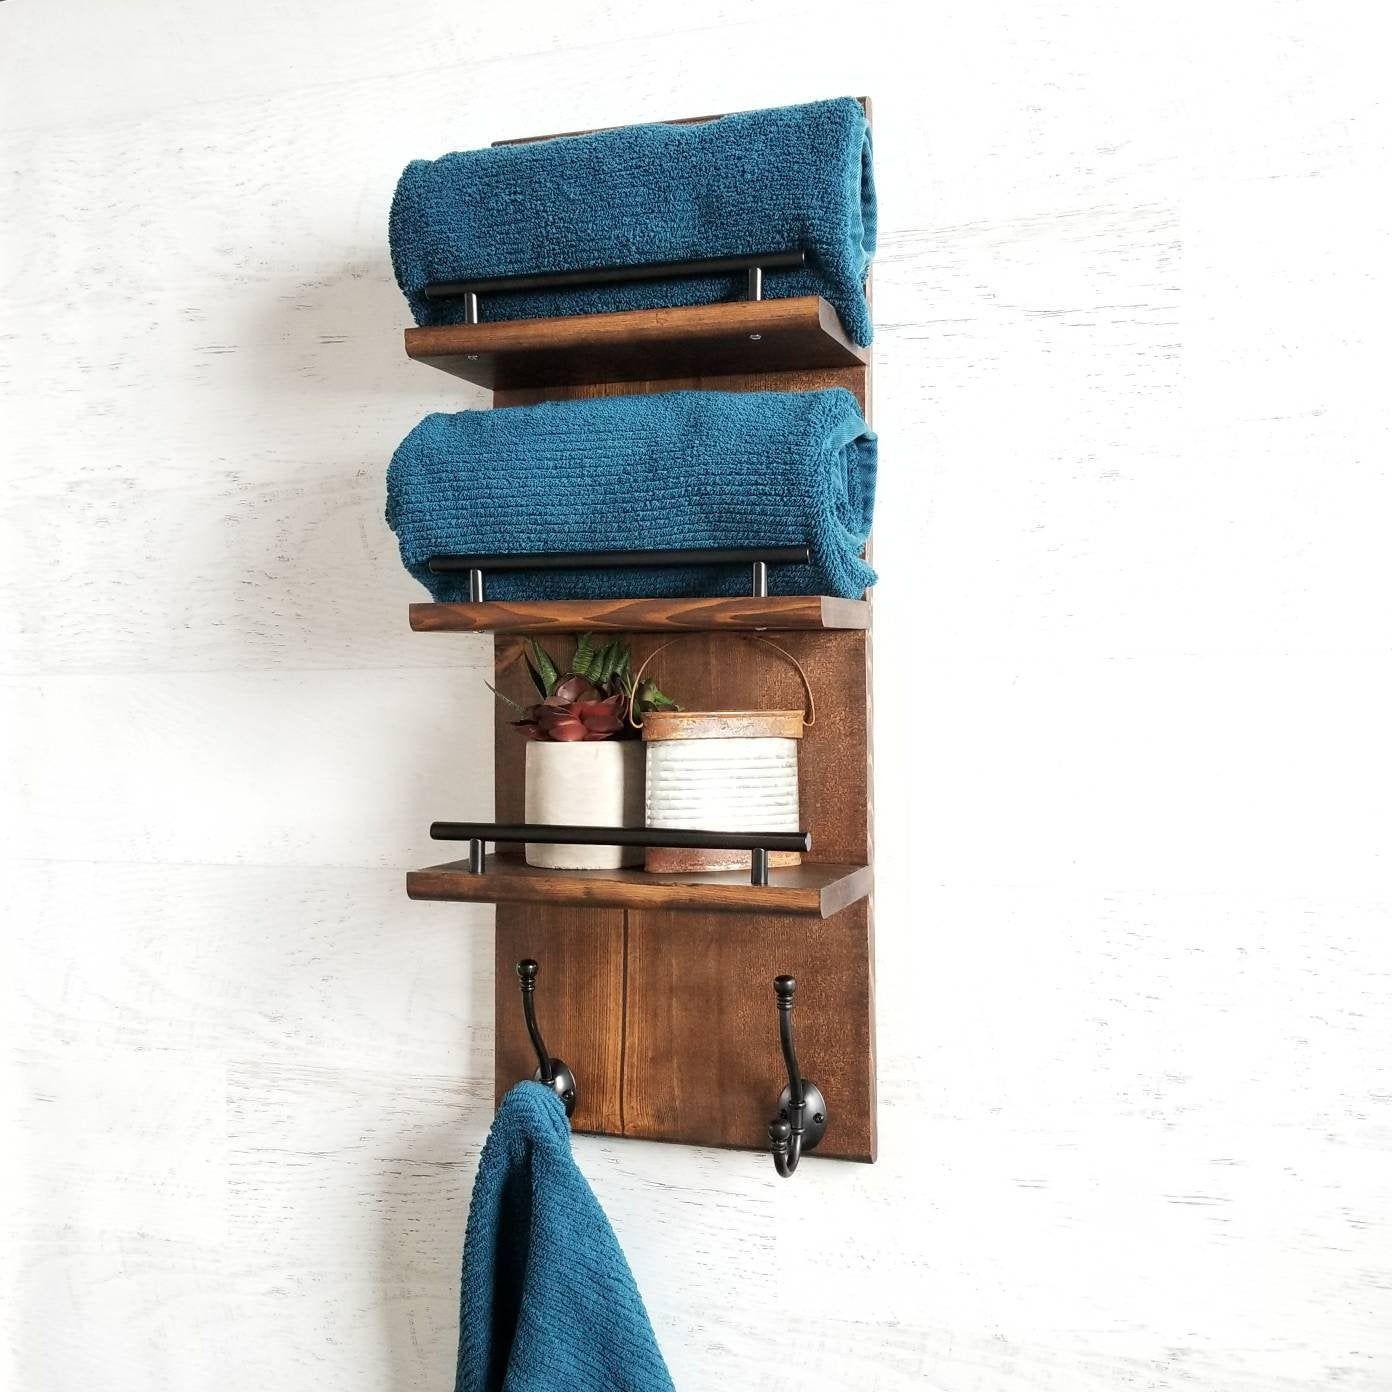 3 Tier Bathroom Floating Shelf Organizer, Bath Towel Rack